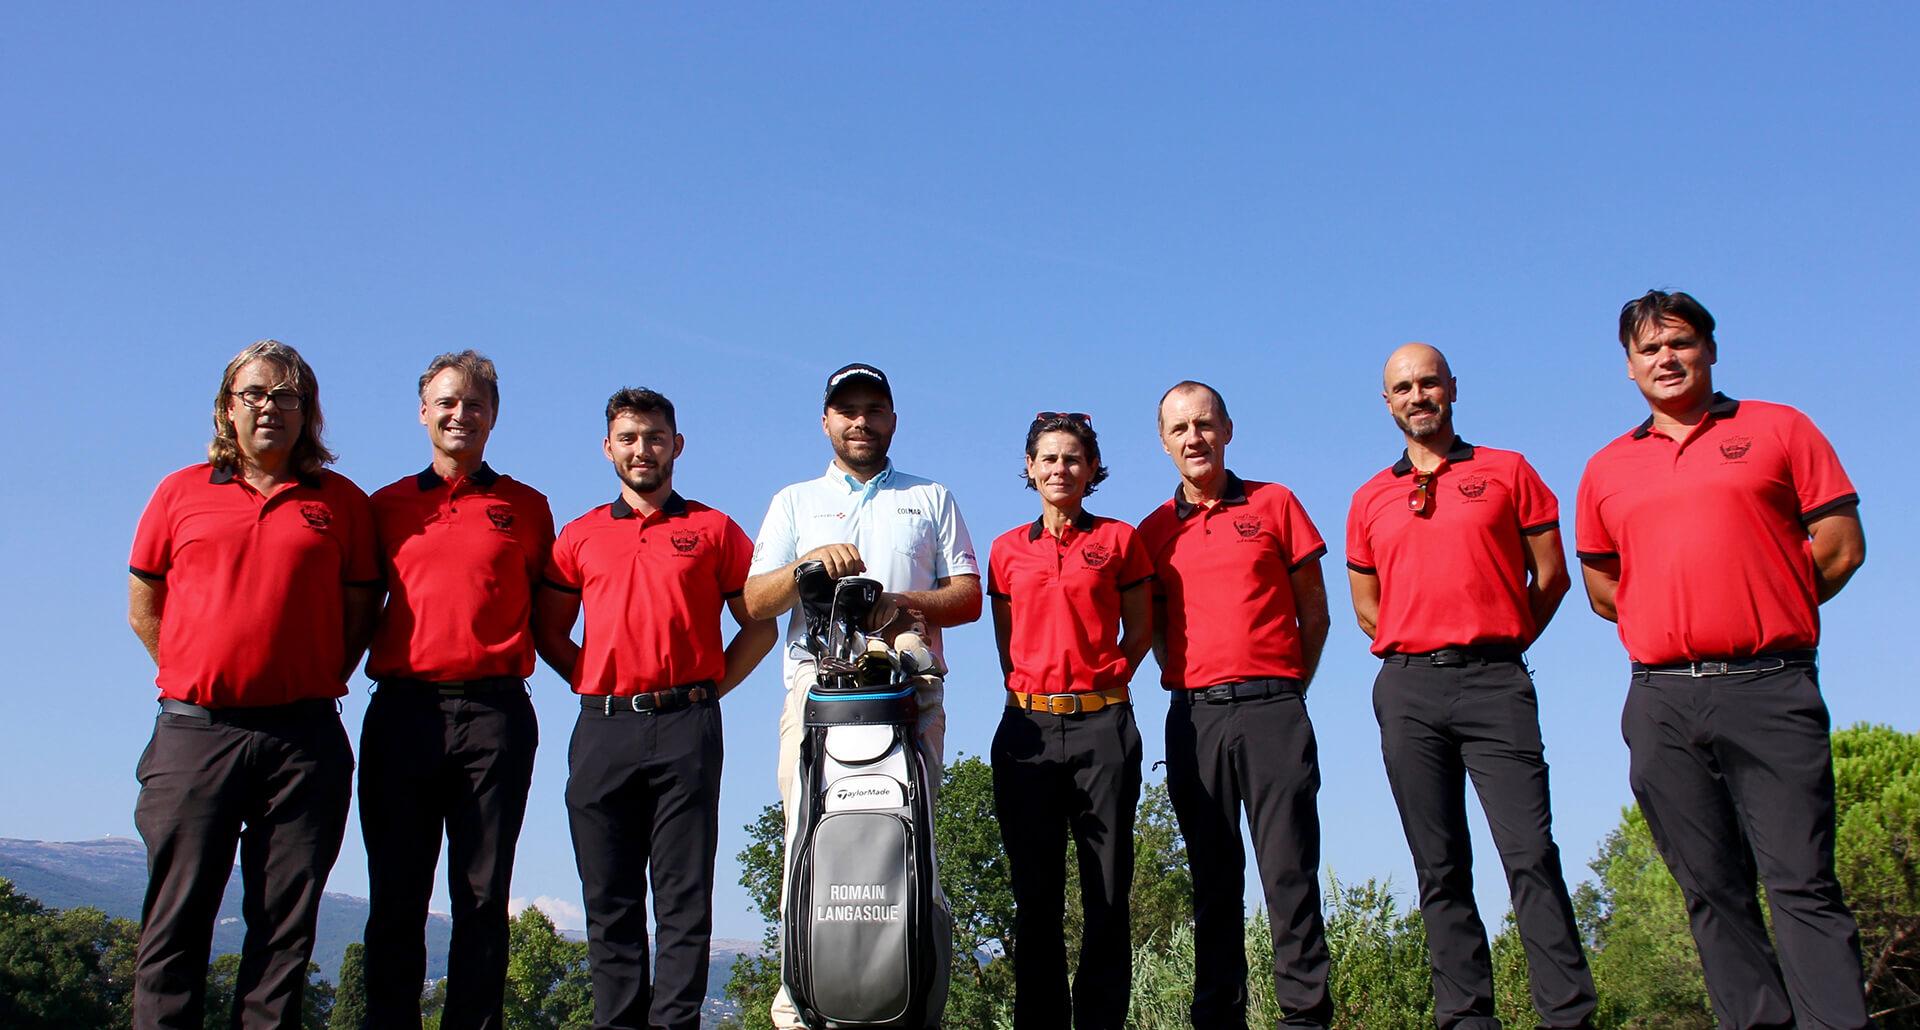 Les pros de l'académie entourent Romain Langasque le golfeur professionnel issu de Saint Donat